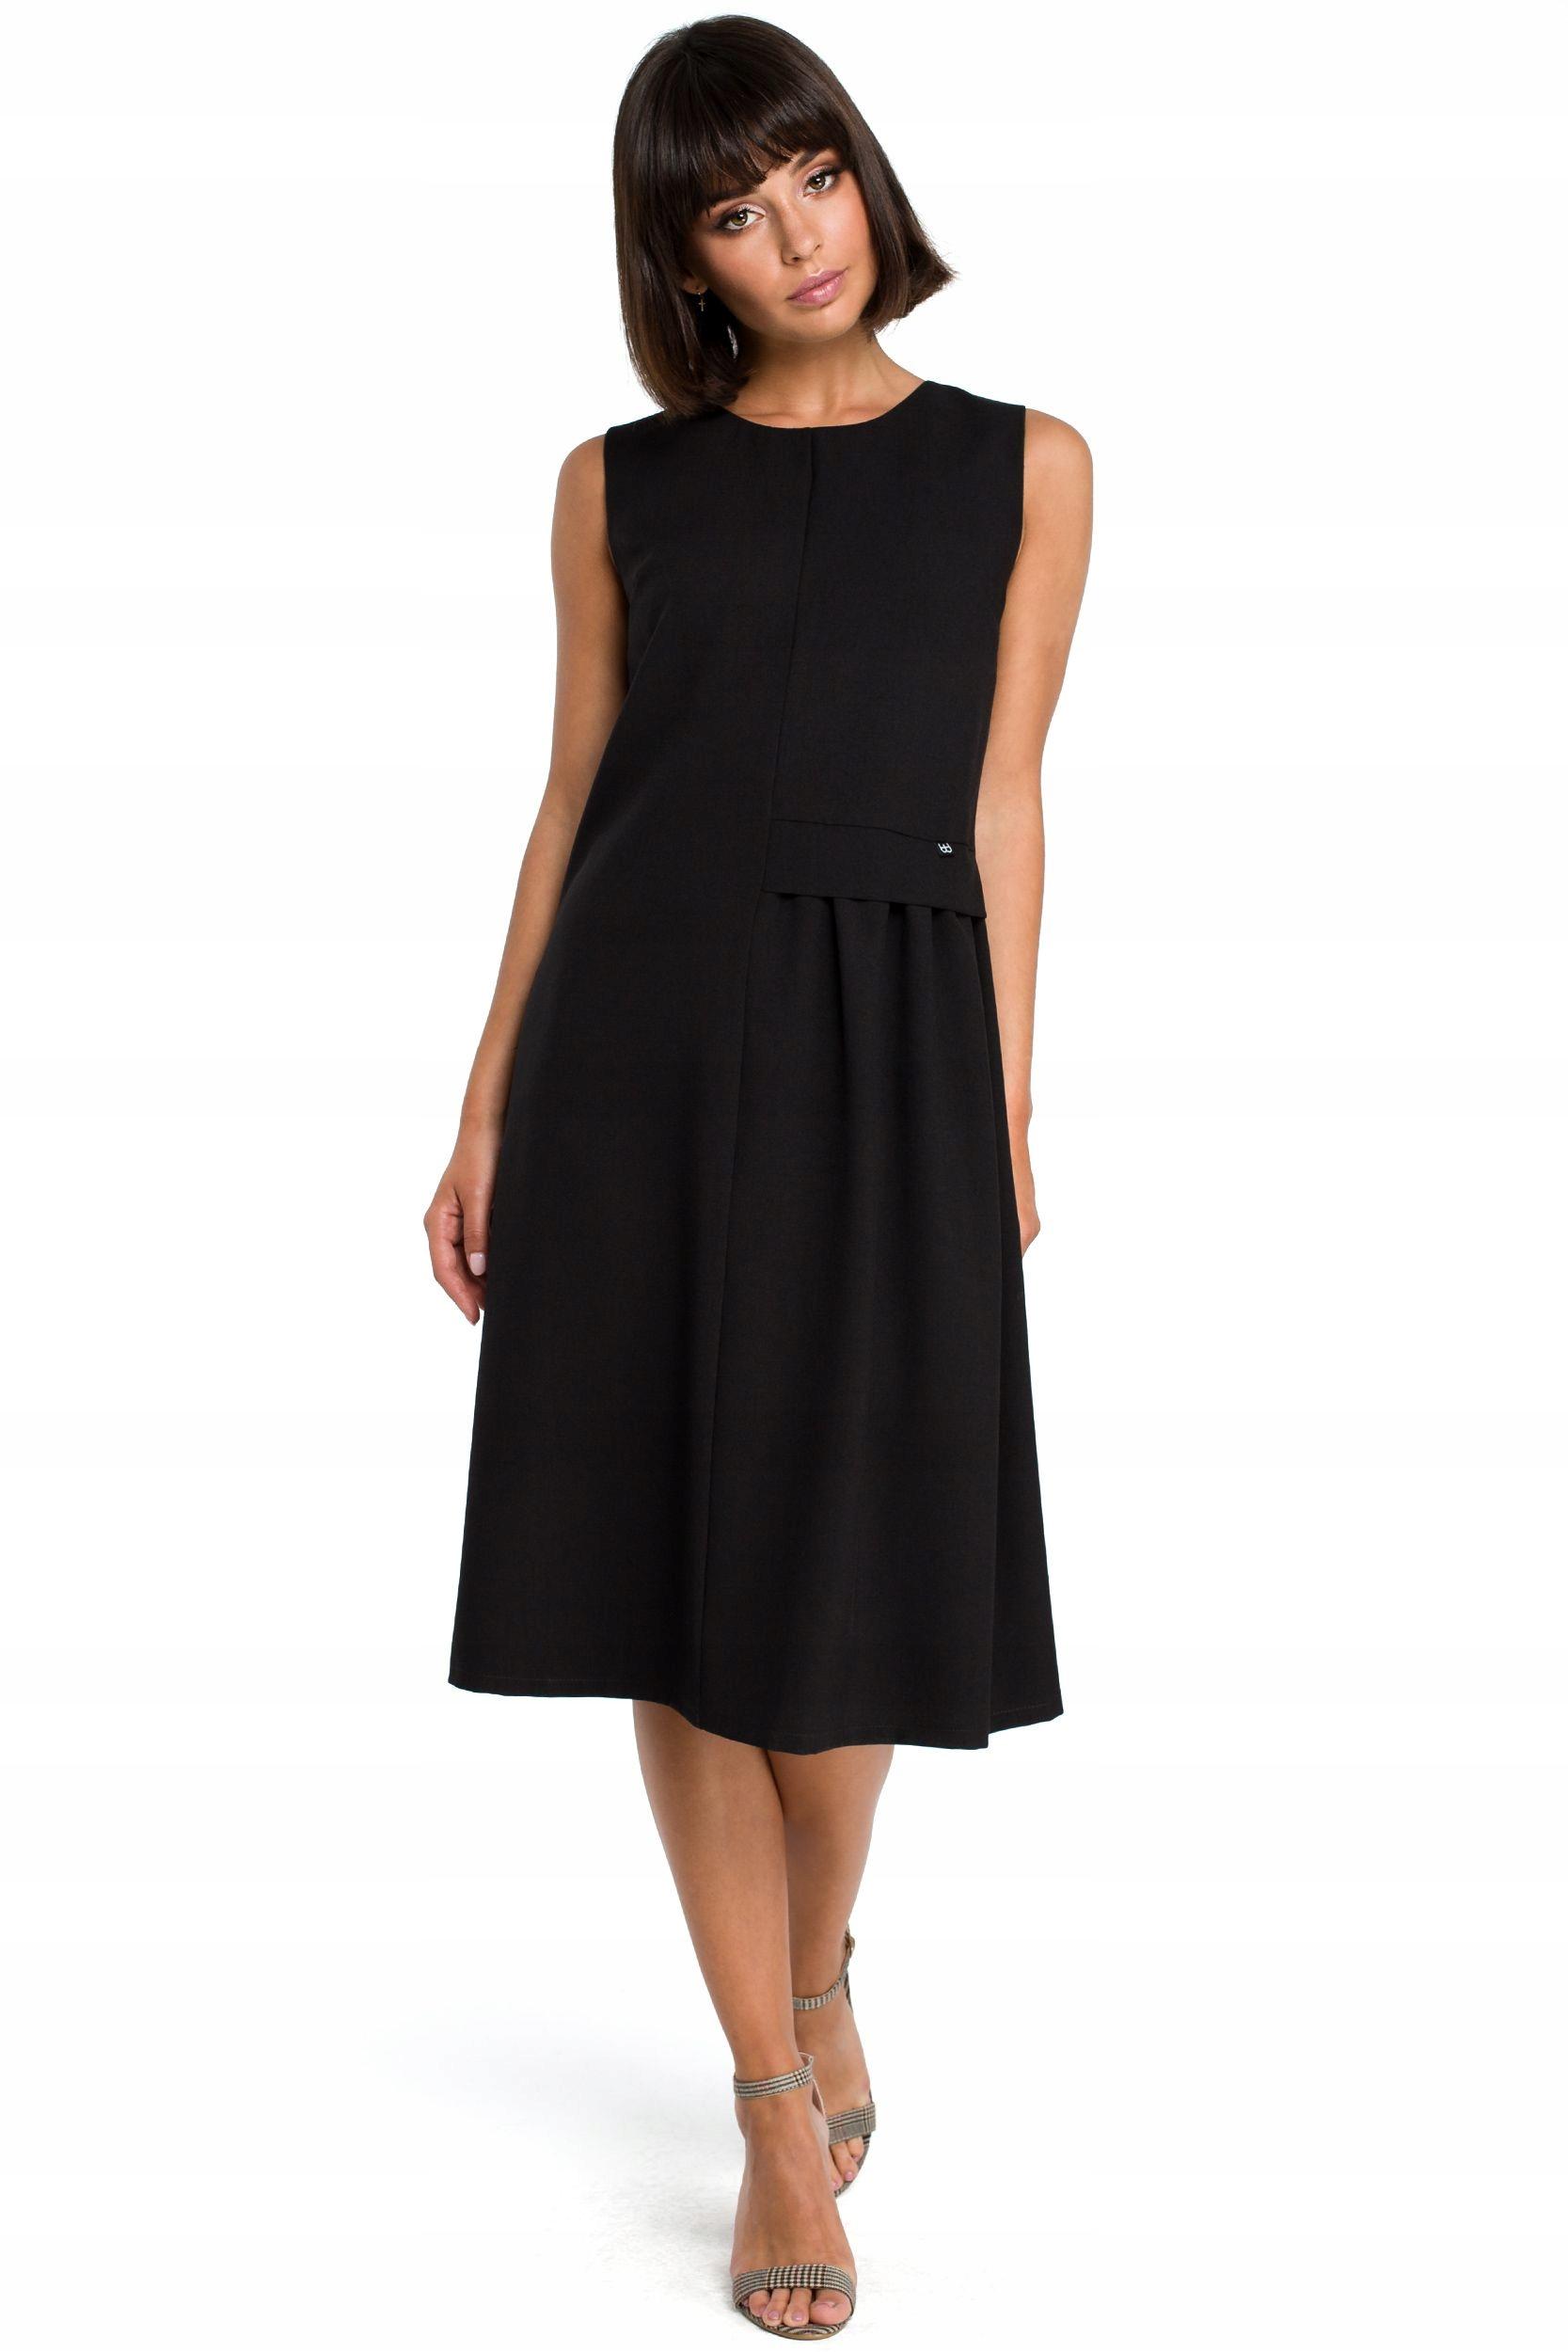 B080 Zwiewna sukienka midi bez rękawów - czarna 38